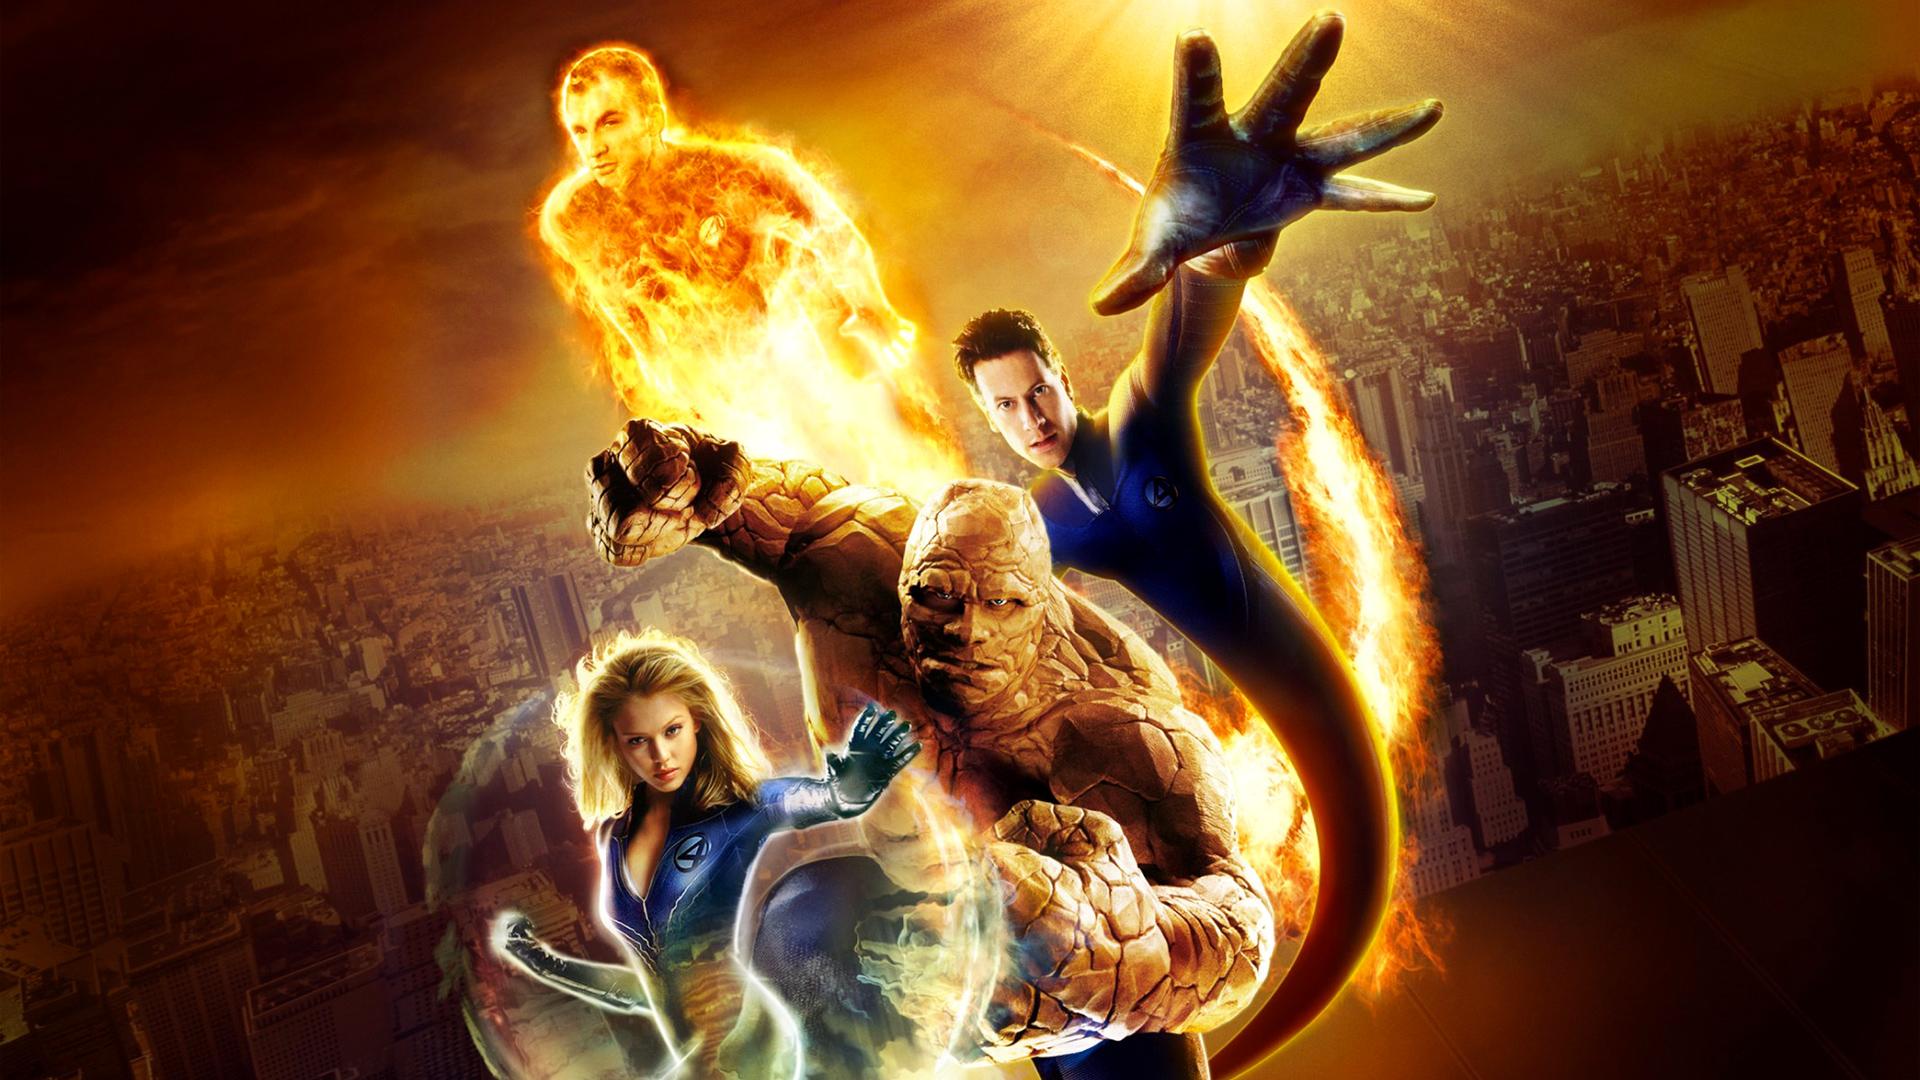 Imagen del elenco de la película Los 4 fantásticos de 2005